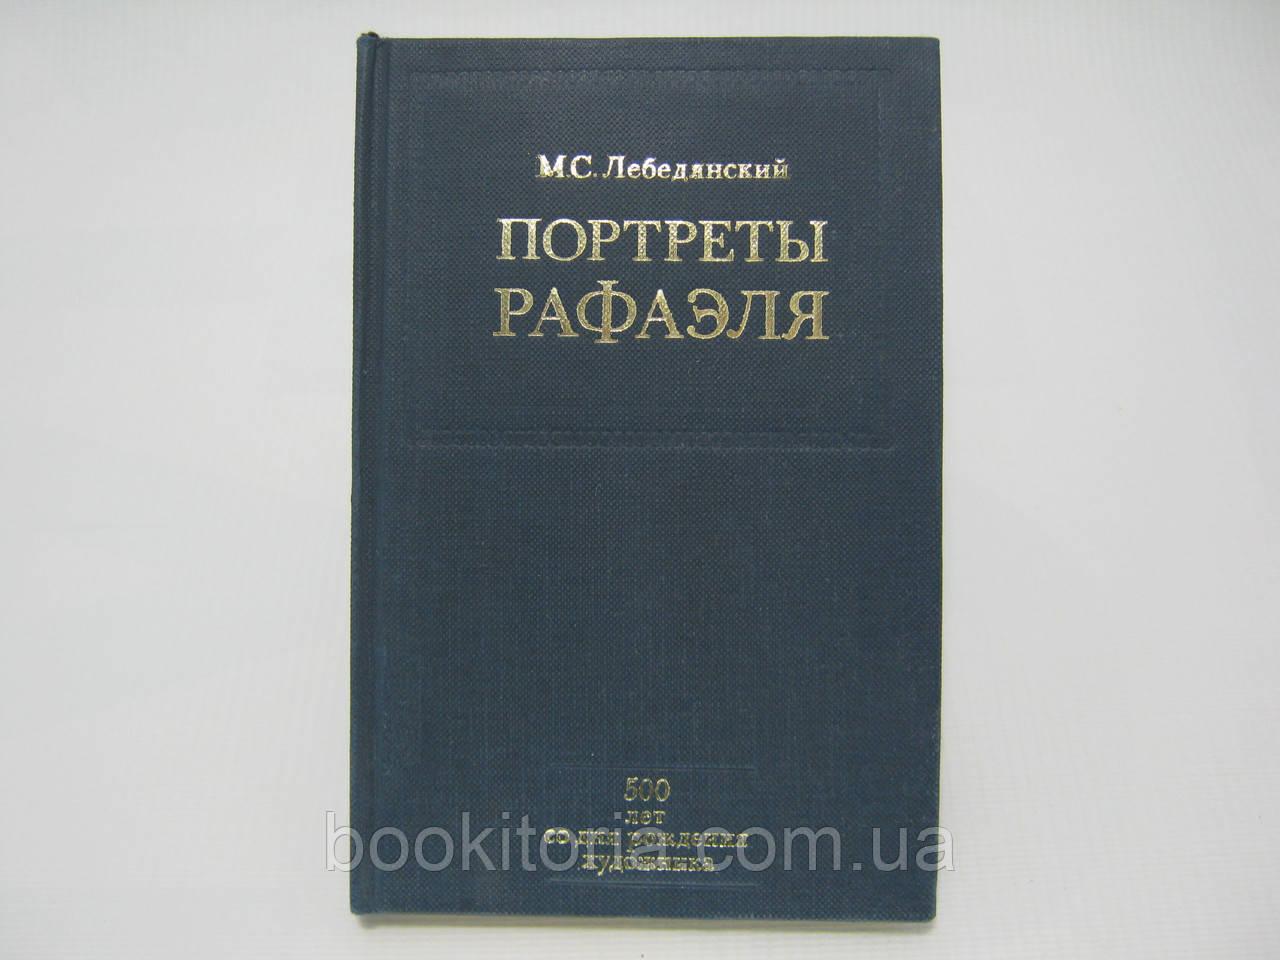 Лебедянский М.С. Портреты Рафаэля (б/у).